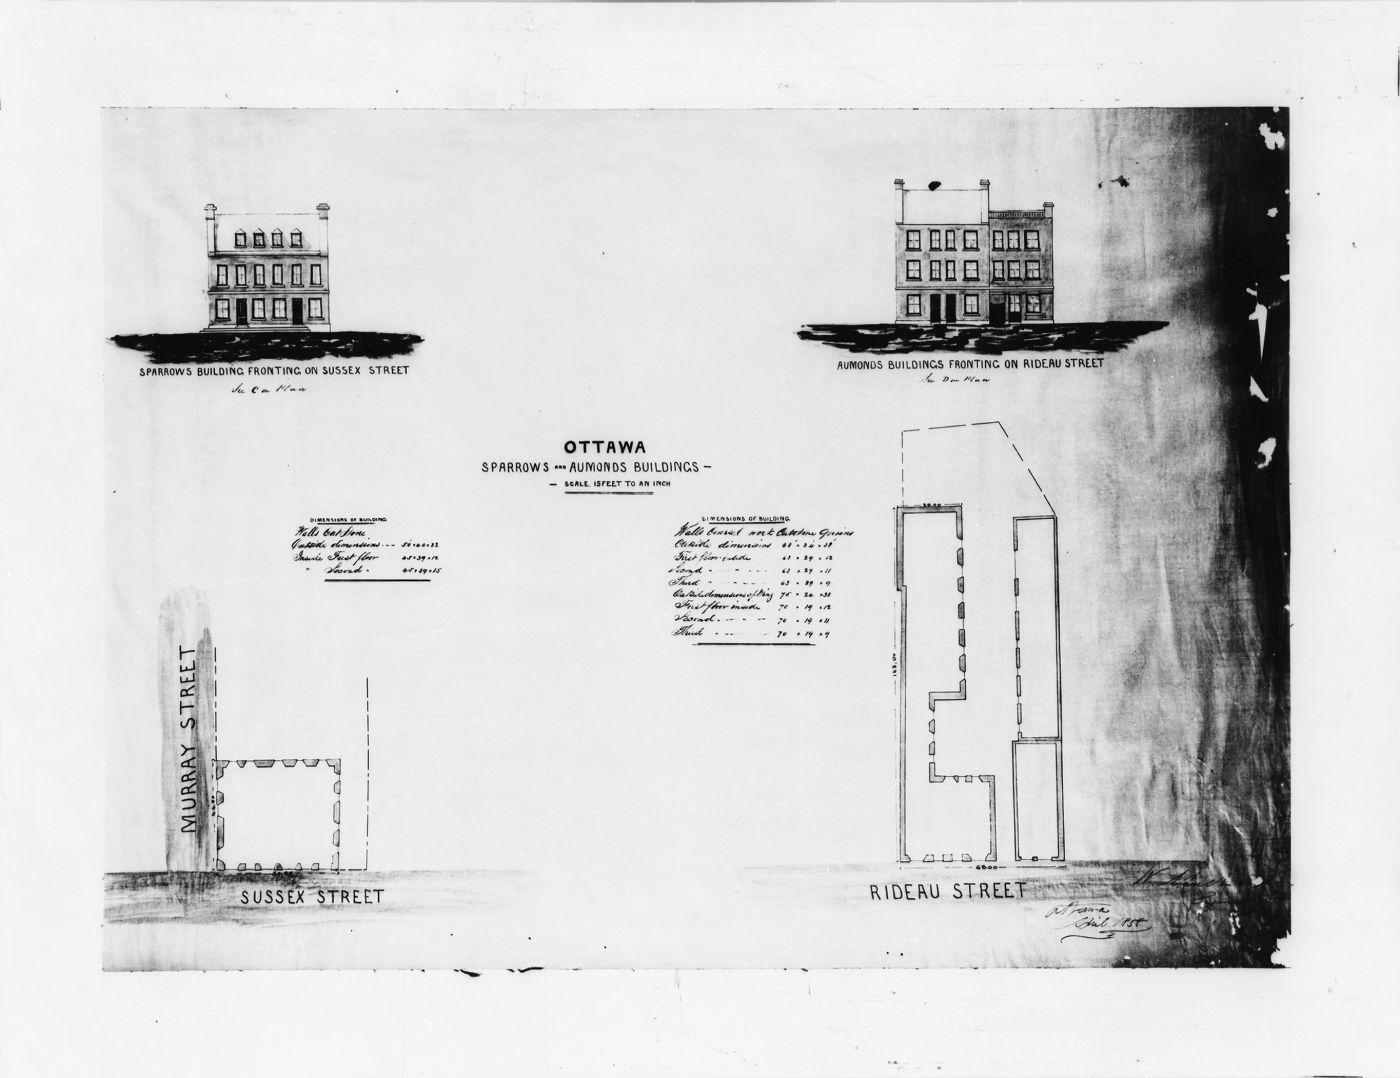 Plans d'architecte en noir et blanc montrant le fronton d'un édifice à trois étages et le plan du sol. Les dimensions de l'édifice sont inscrites à la main en anglais.